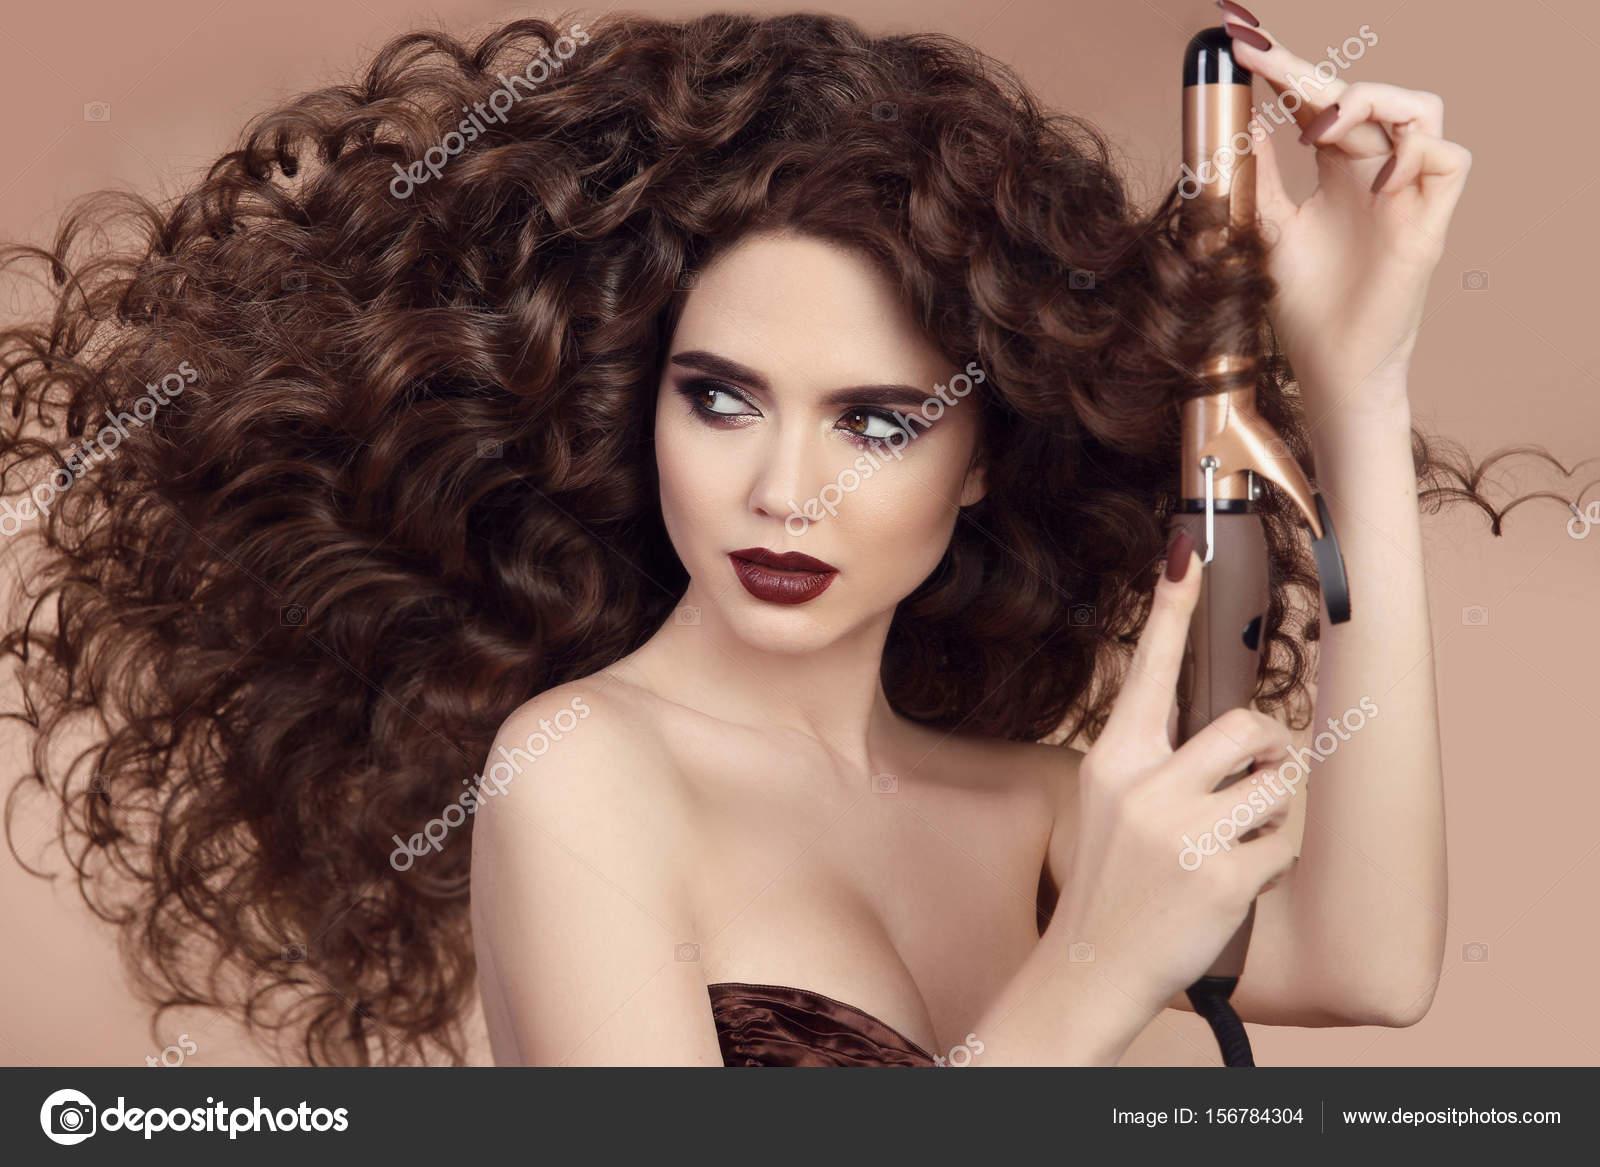 Cheveux Boucles Coiffure Beau Portrait De Femme Brune Avec